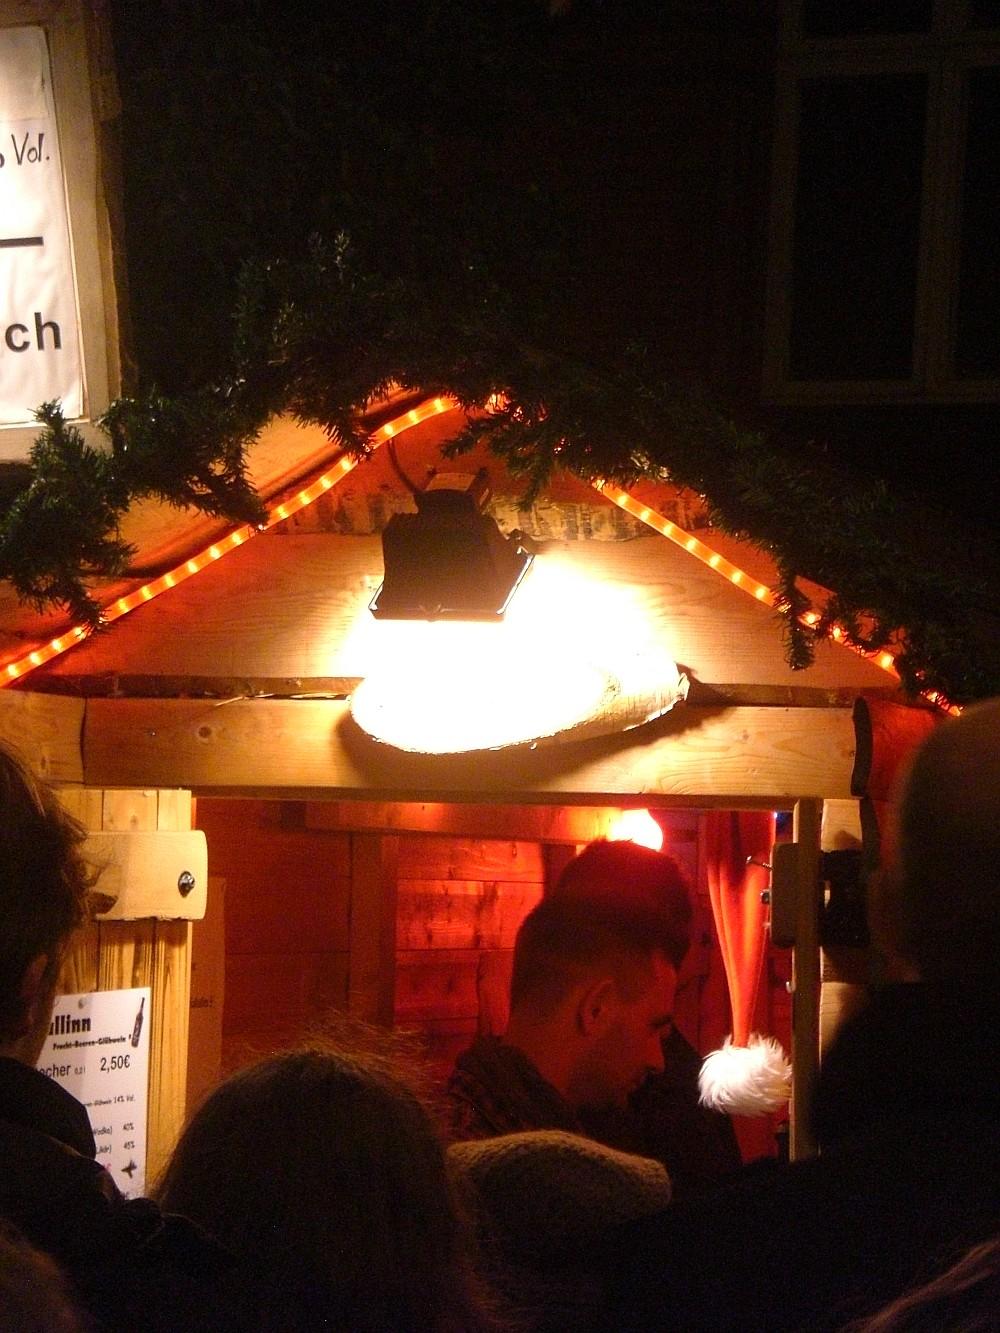 Weihnachtsmarkt Flensburg kleinster Tresen der Welt - (c) spinagel.de